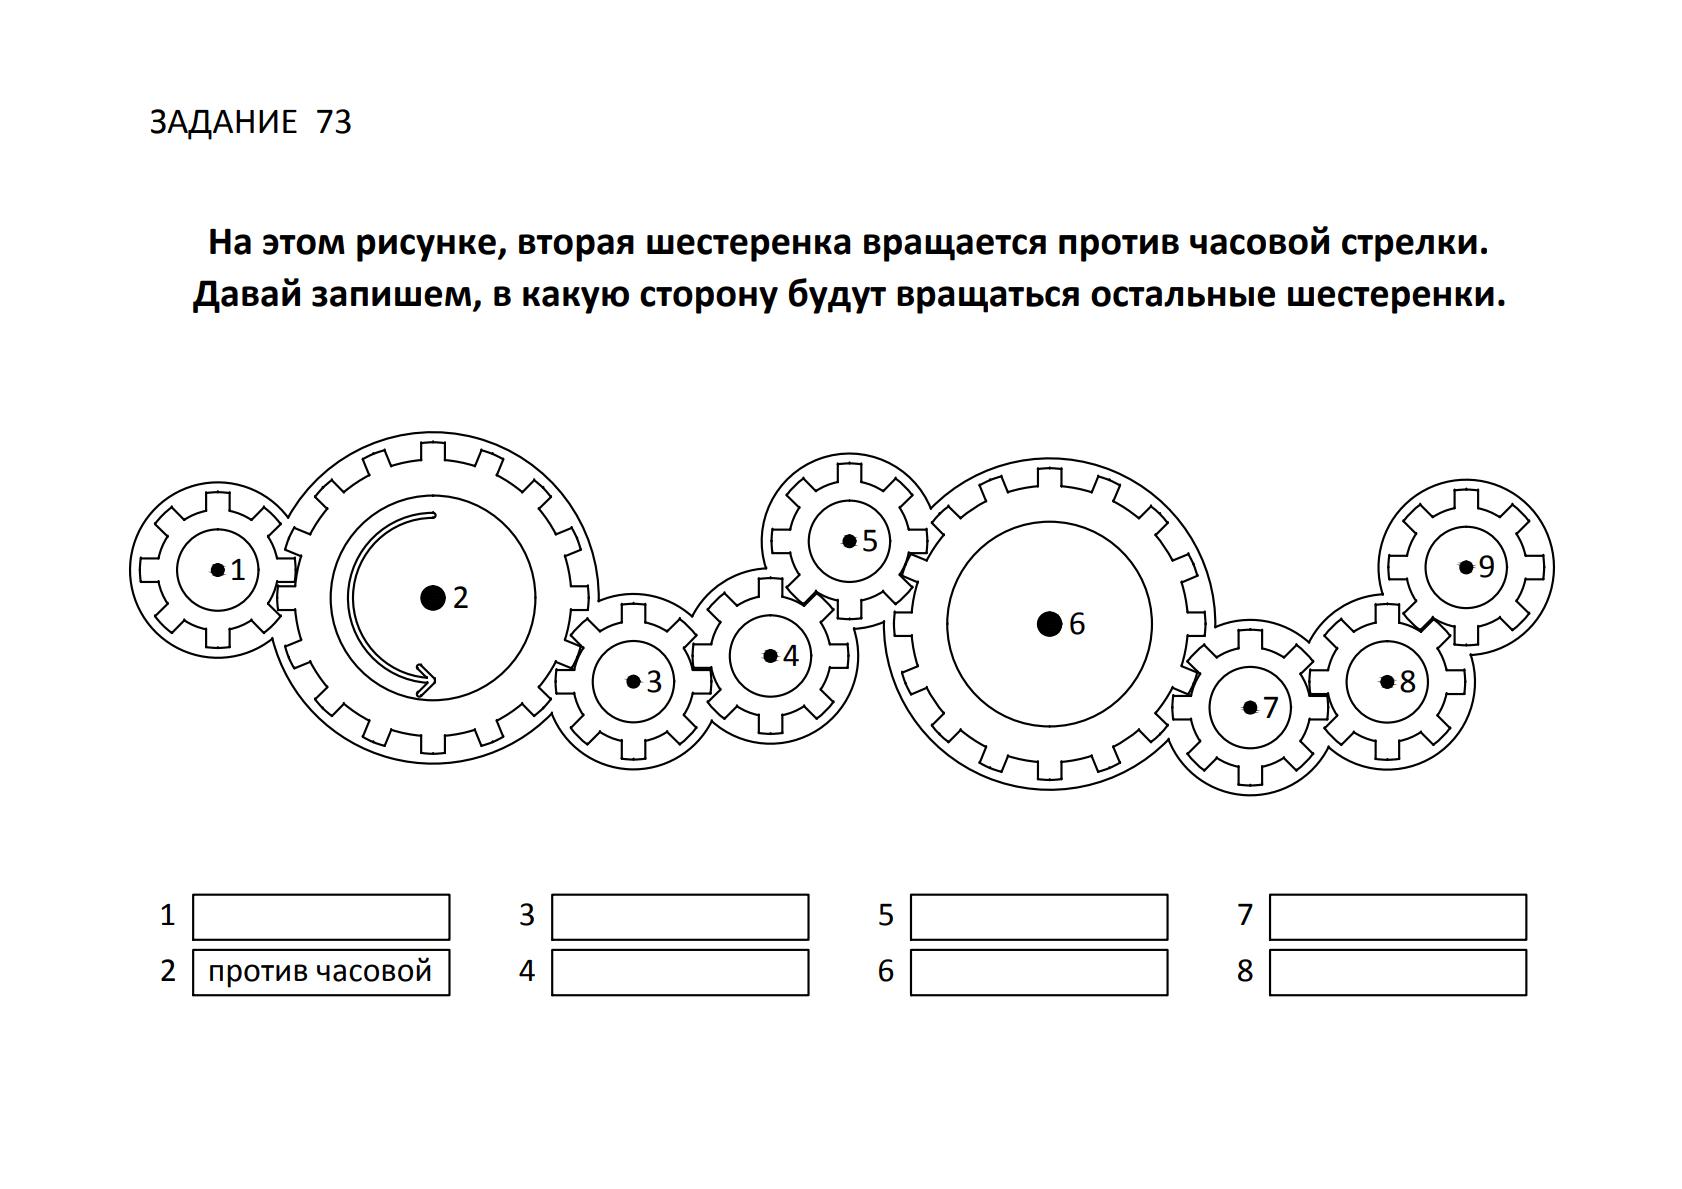 Ольгина подсказкам - Задание 73. Задание - определи направление вращения шестеренок.